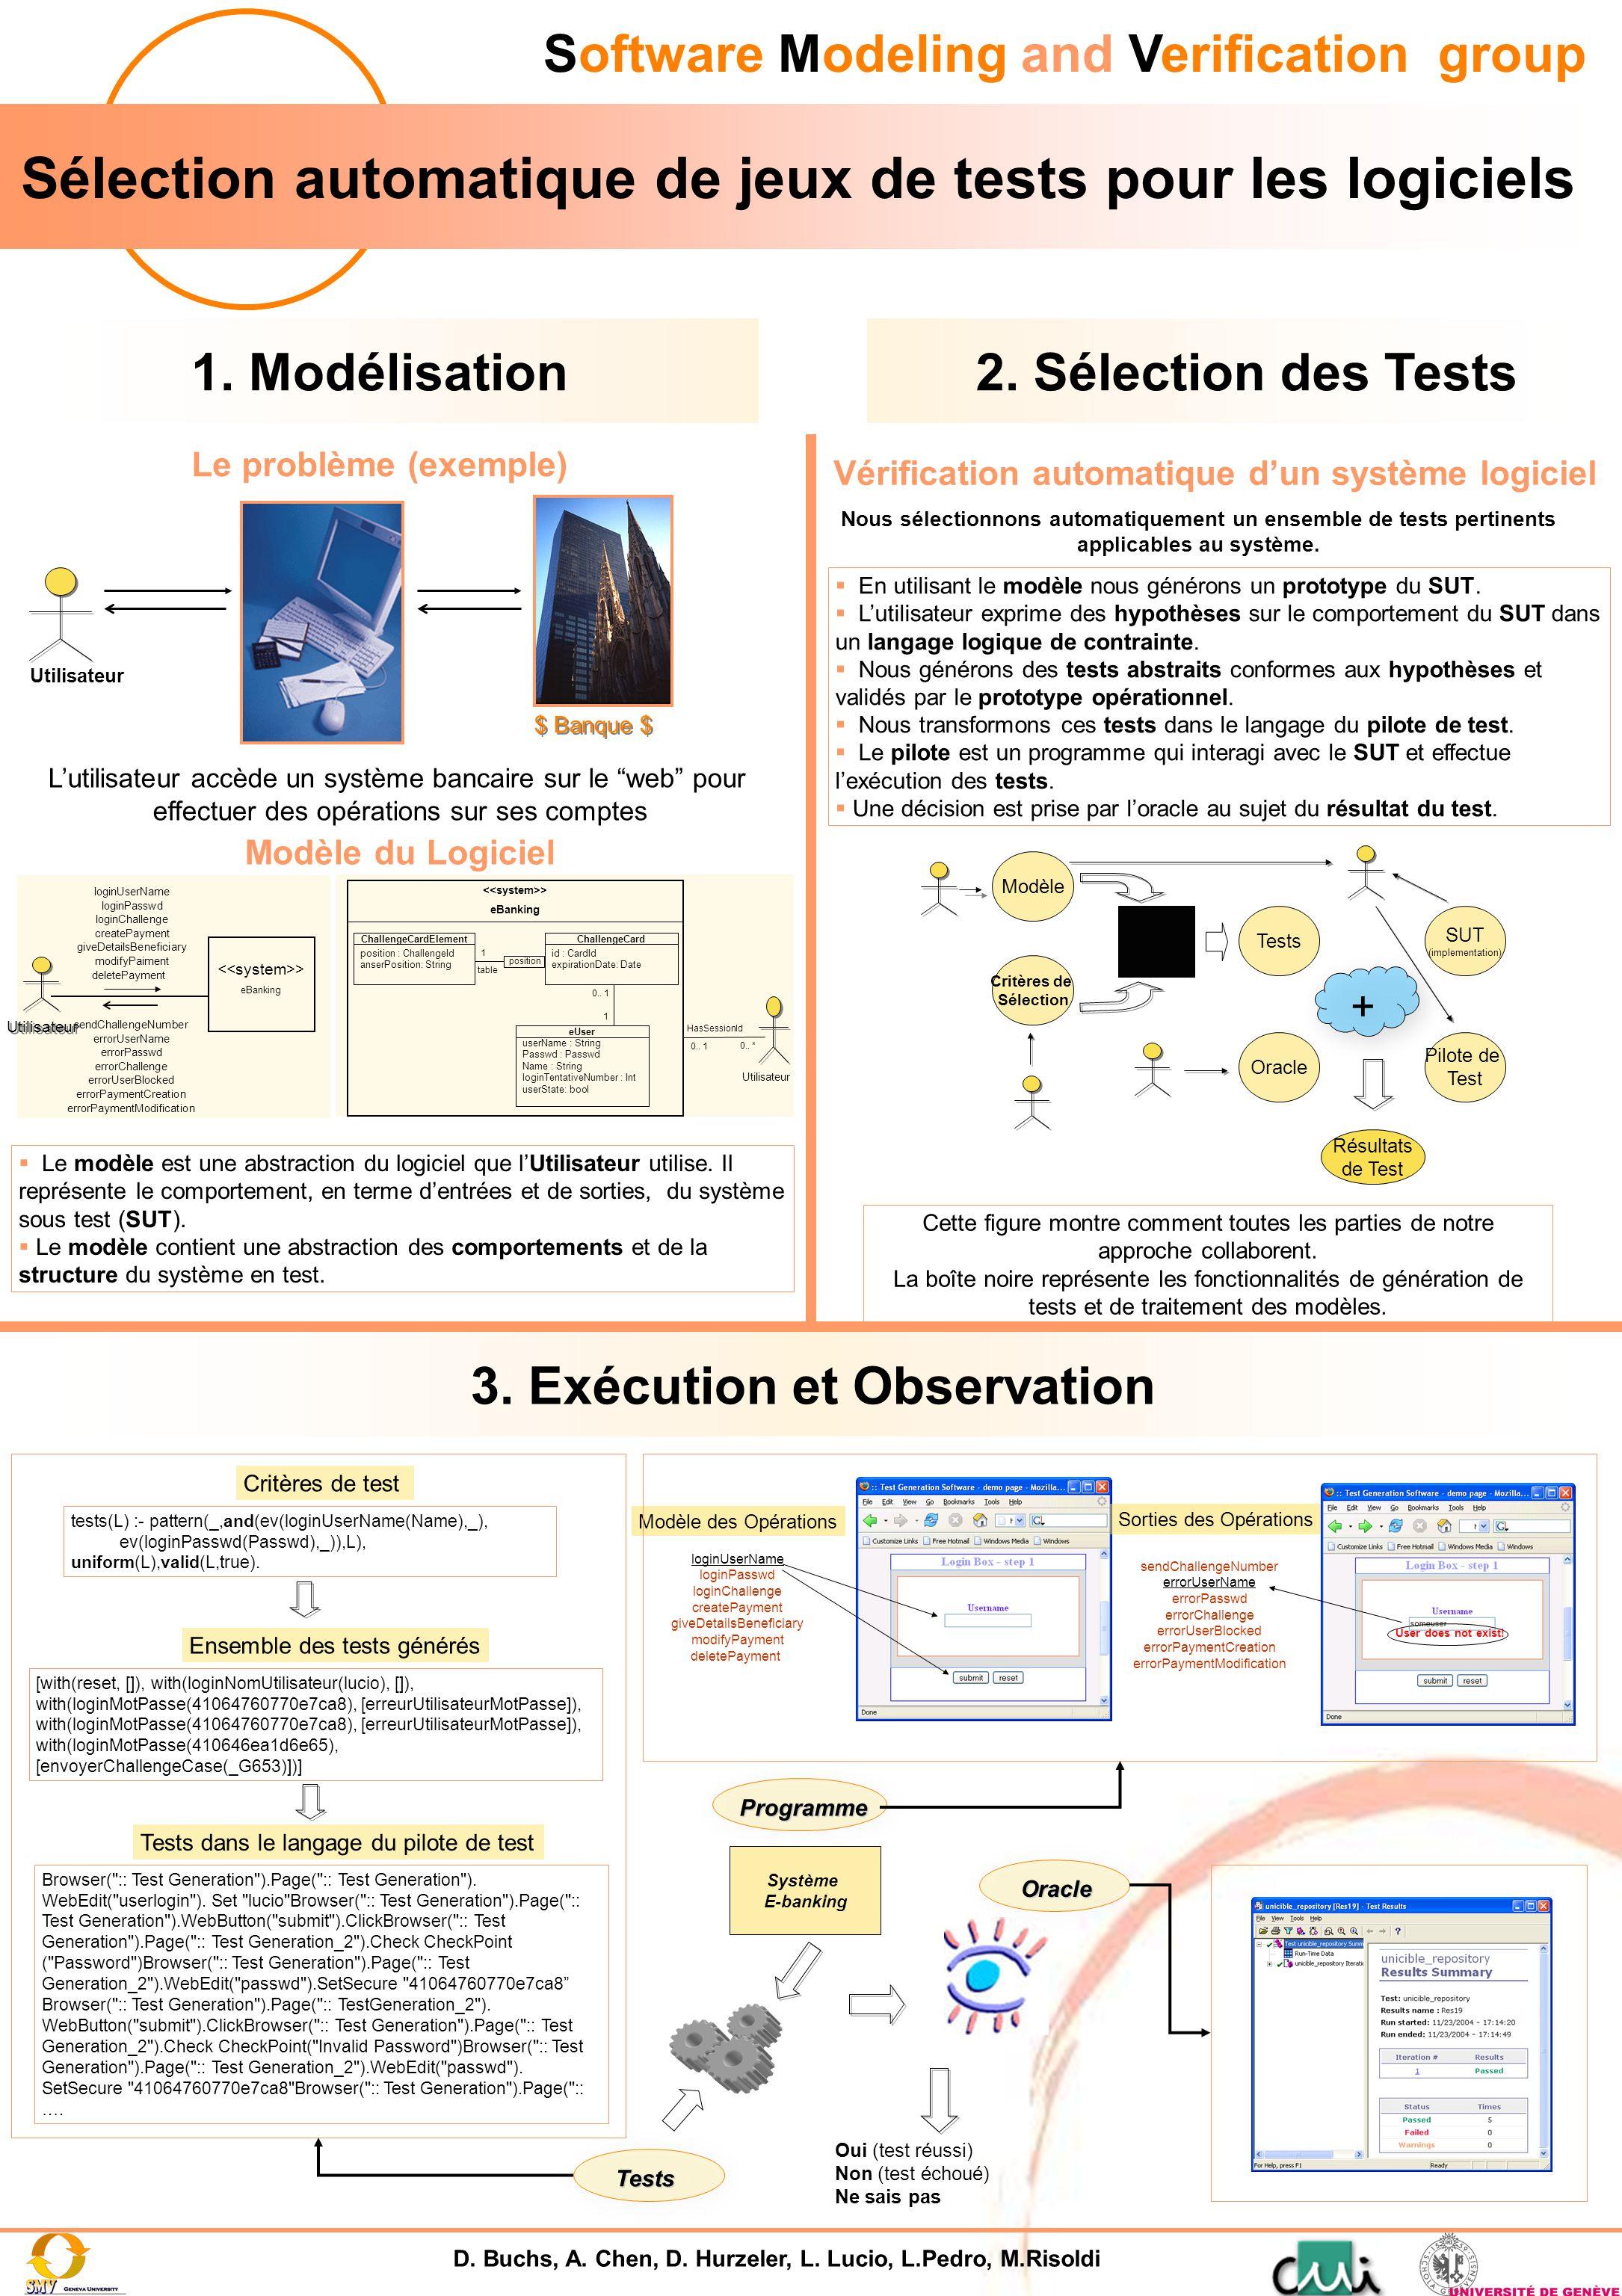 Sélection automatique de jeux de tests pour les logiciels Software Modeling and Verification group 1. Modélisation2. Sélection des Tests 3. Exécution